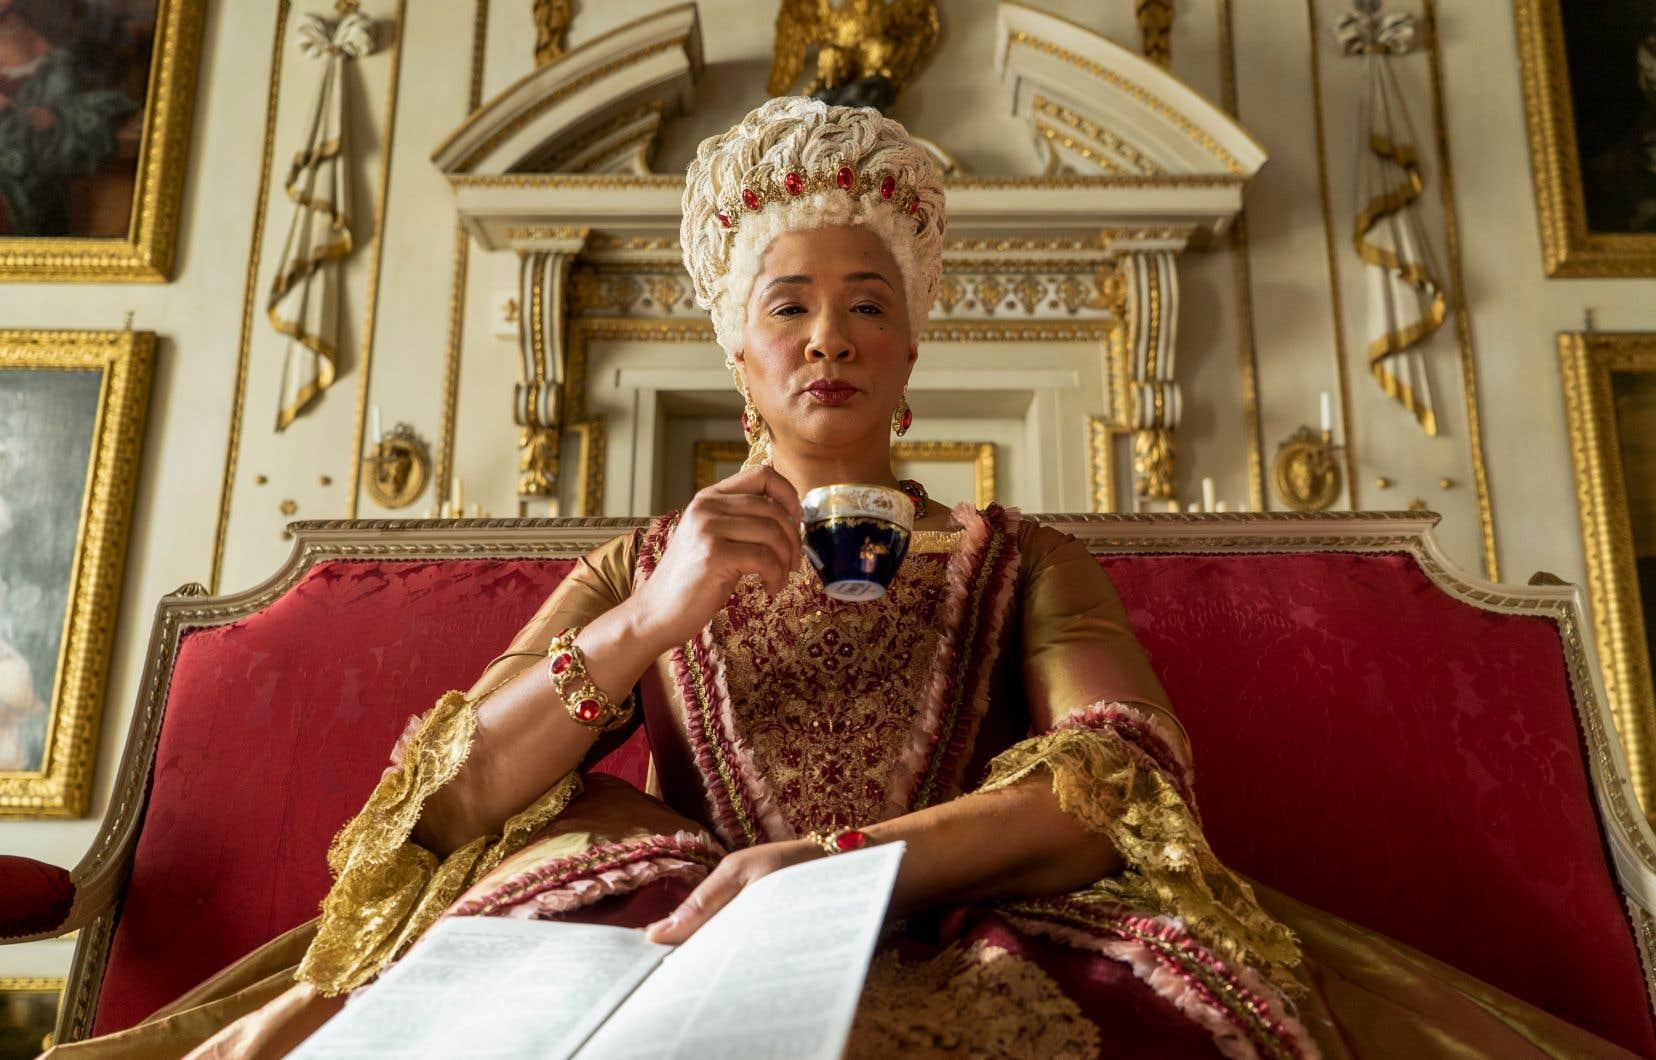 L'actrice d'origine guyanaise Golda Rosheuvel, dans le rôle de la reine Charlotte